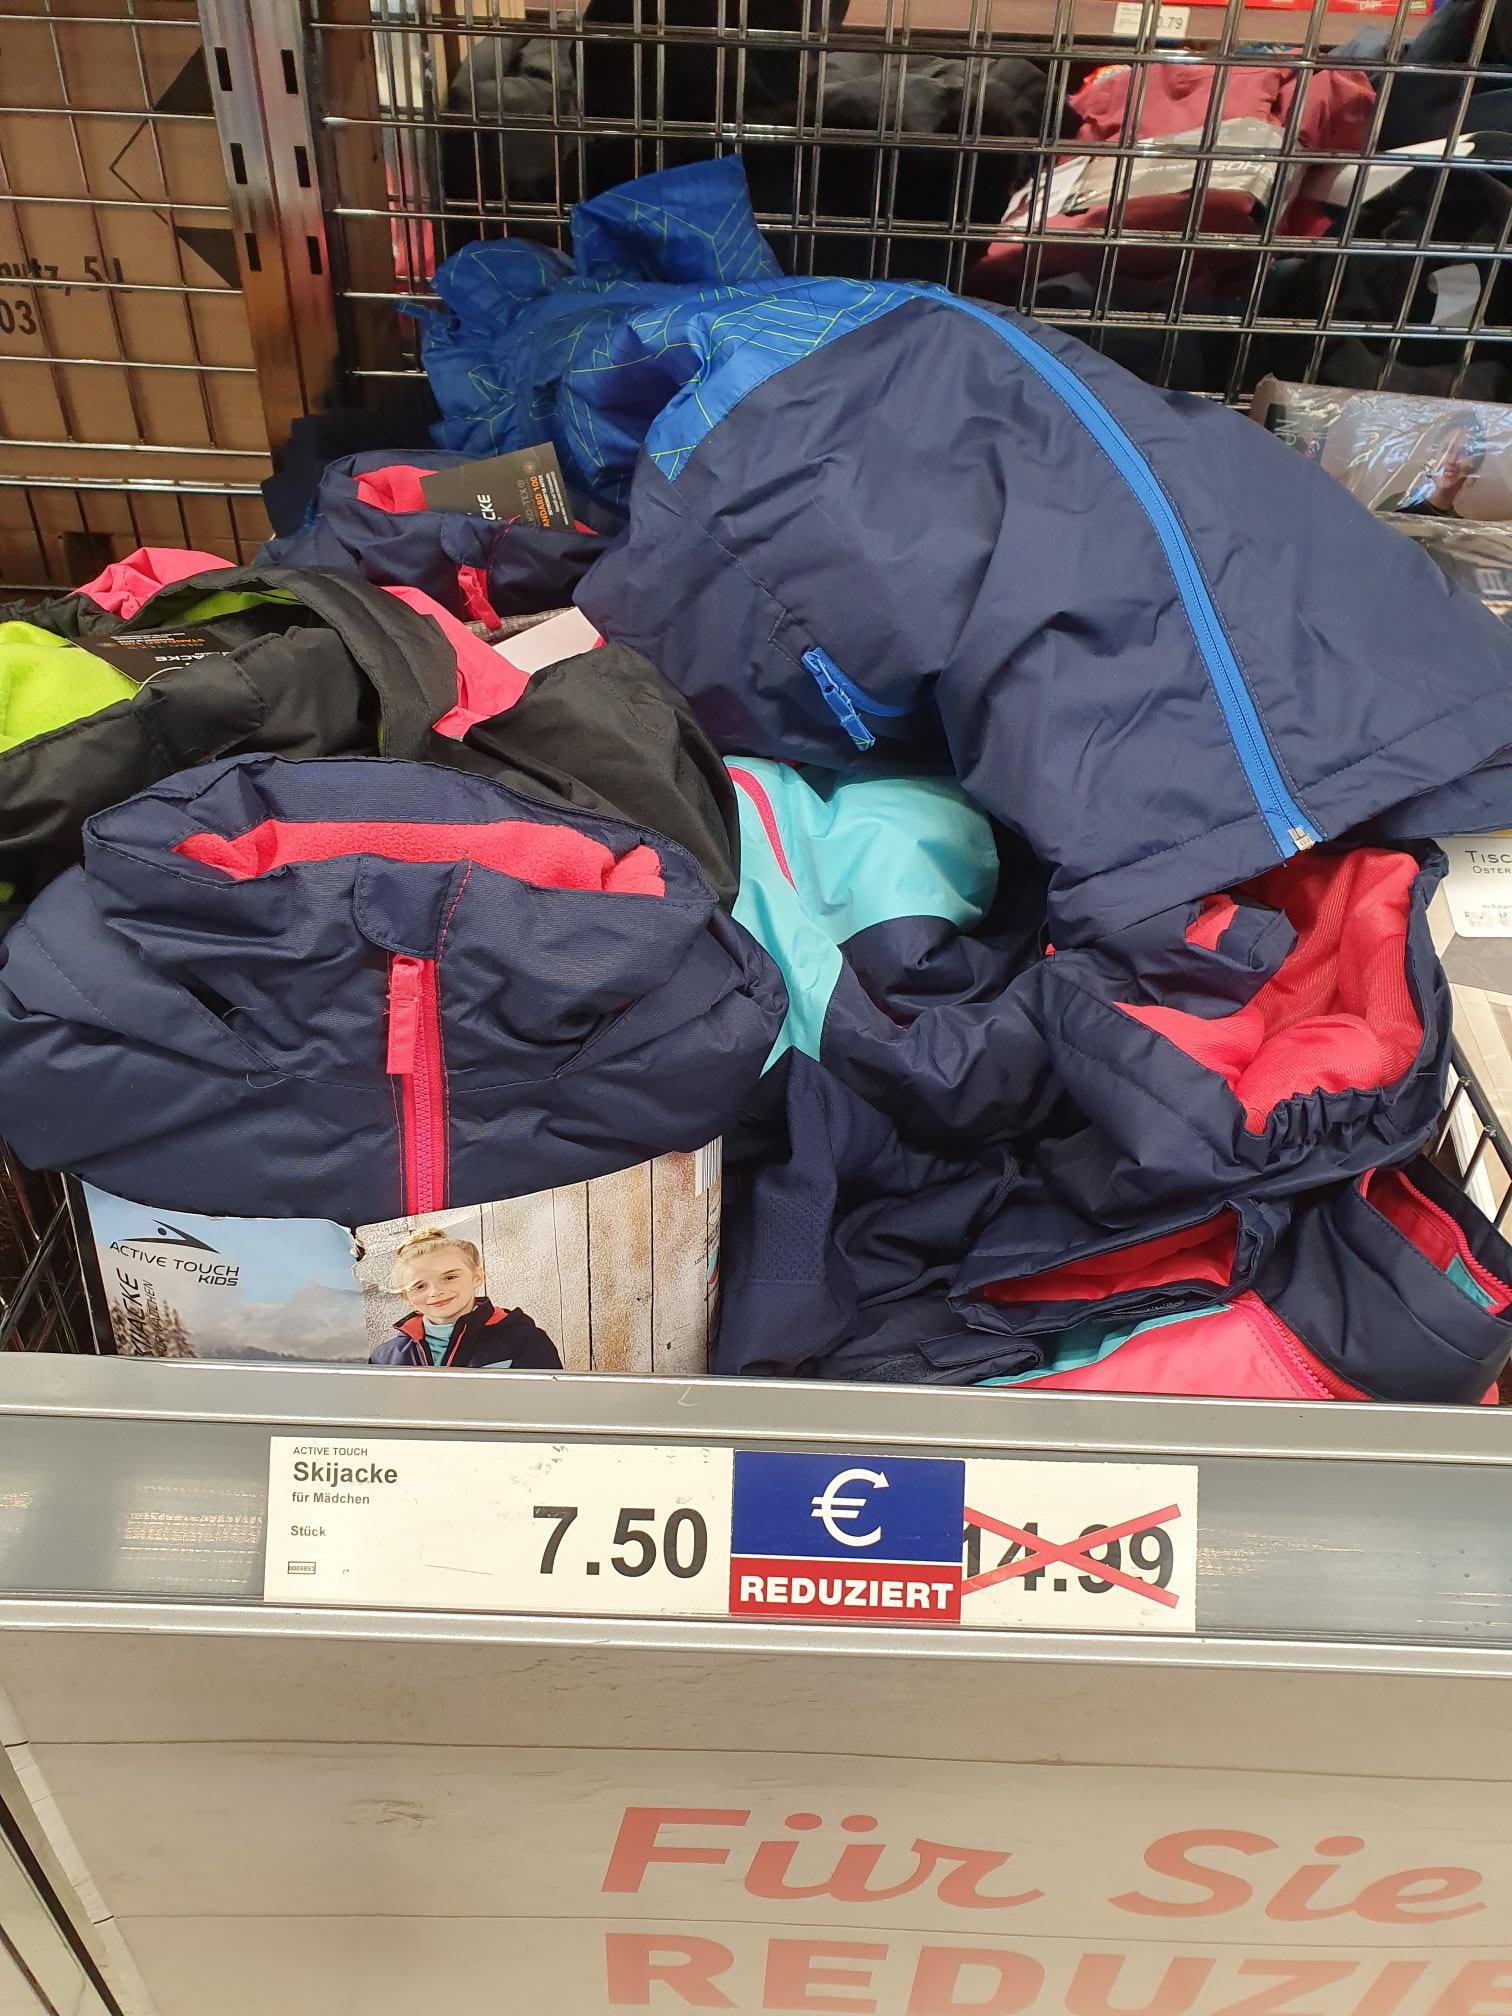 LOKAL HH ALDI Nord 50% auf Kinder Skijacke/ D-Skihose/ H-Skijacke